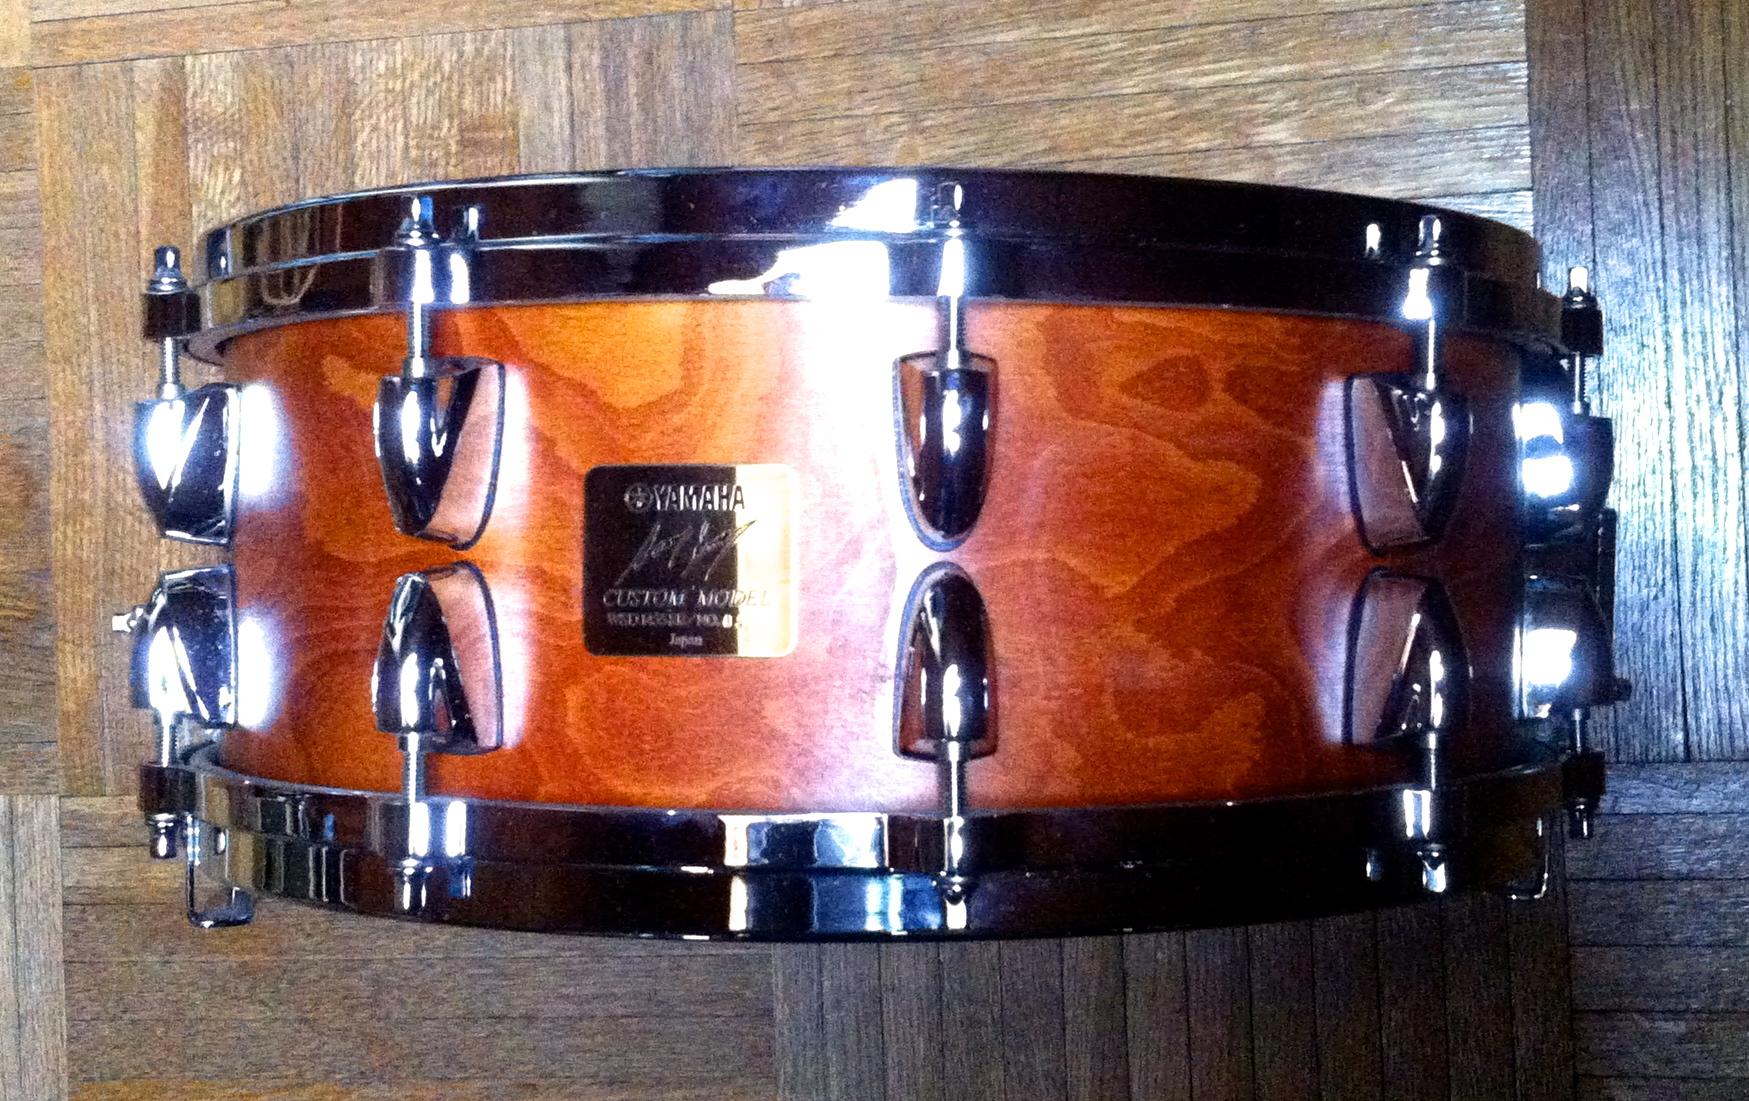 Yamaha Sonny Emory Signature